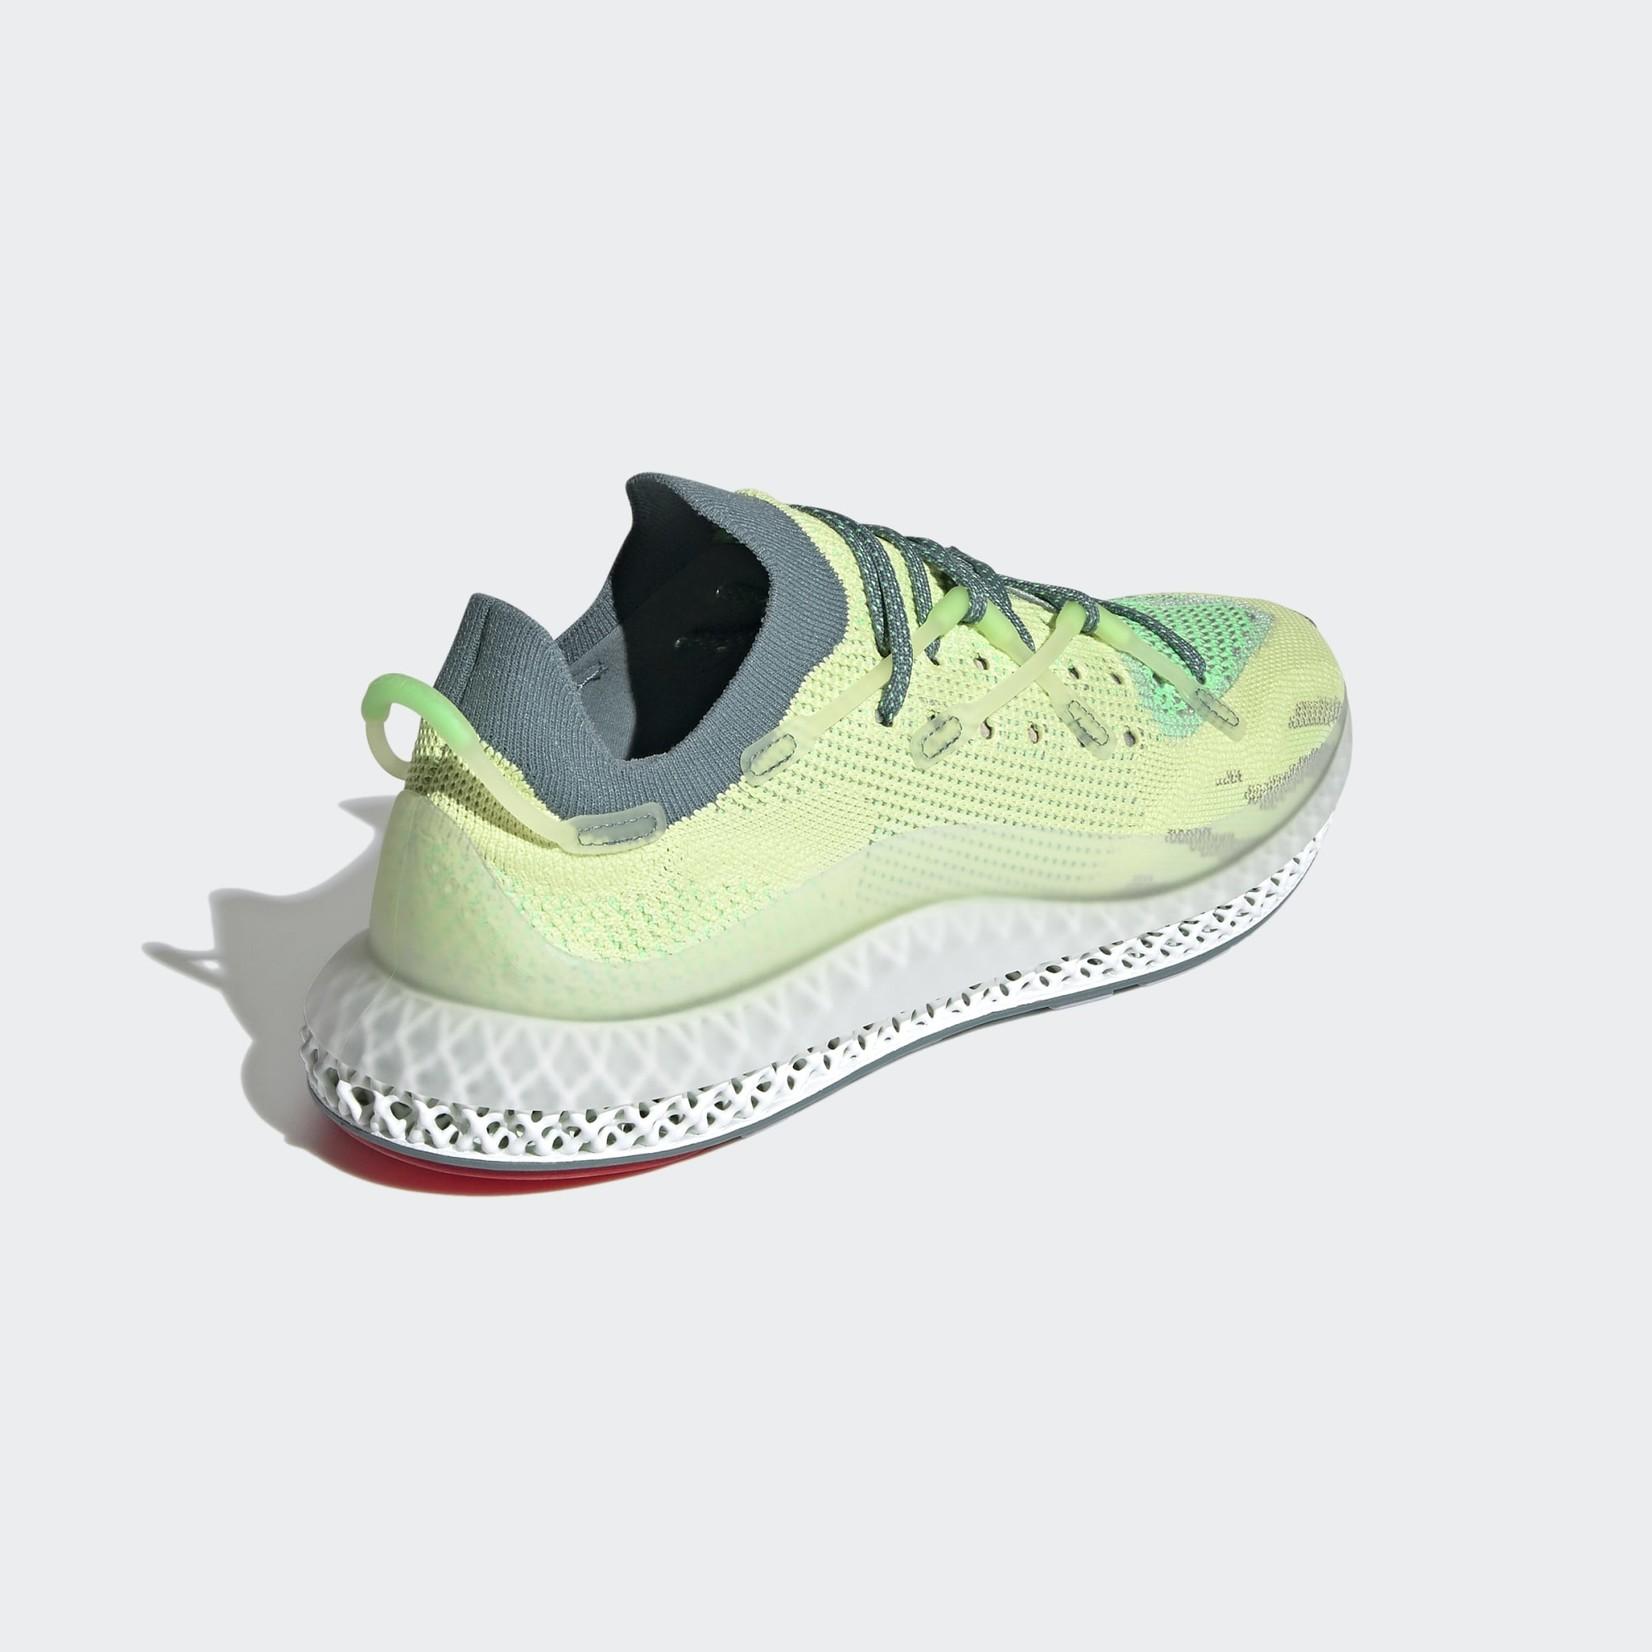 Adidas 4D Fusio Jasegri/Emebru